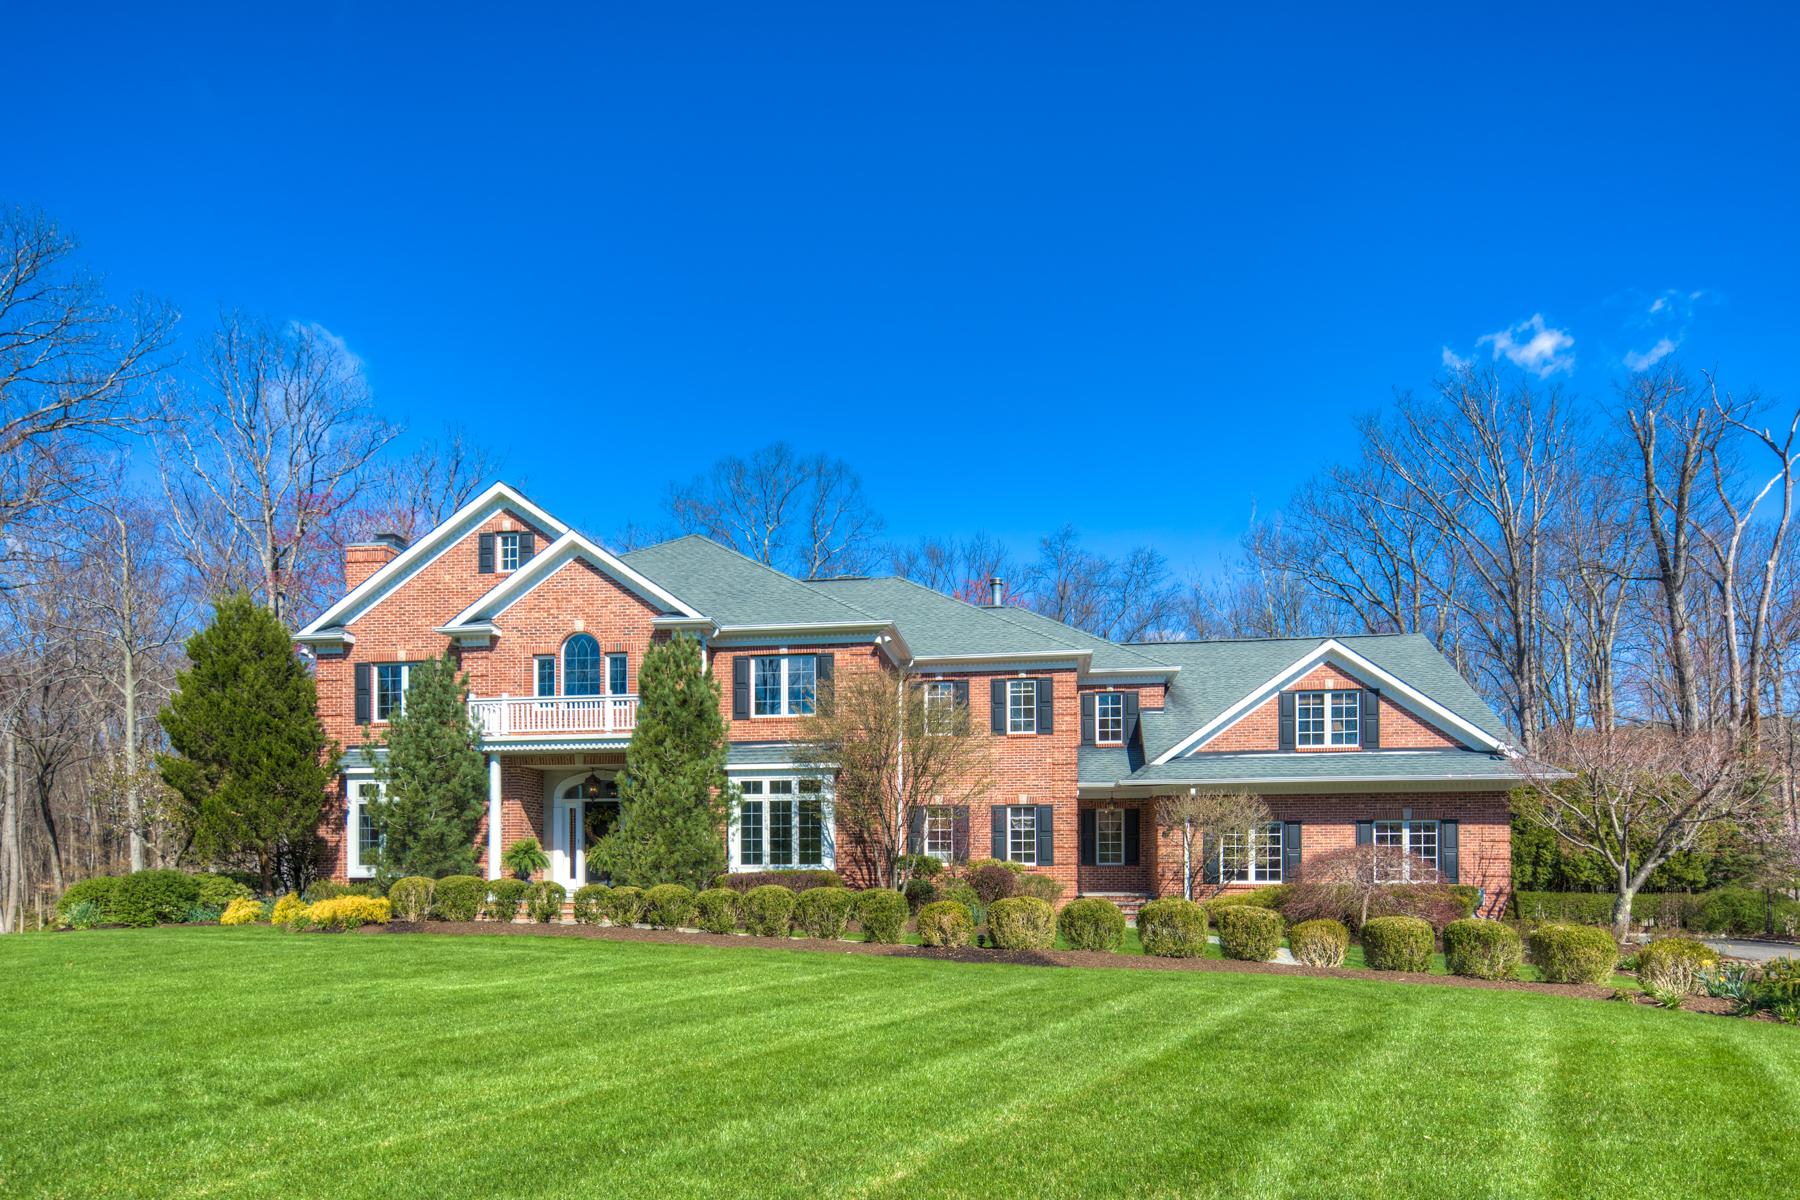 独户住宅 为 销售 在 Elegant Custom Colonial 5 Melrose Lane 门德汉姆, 新泽西州, 07945 美国